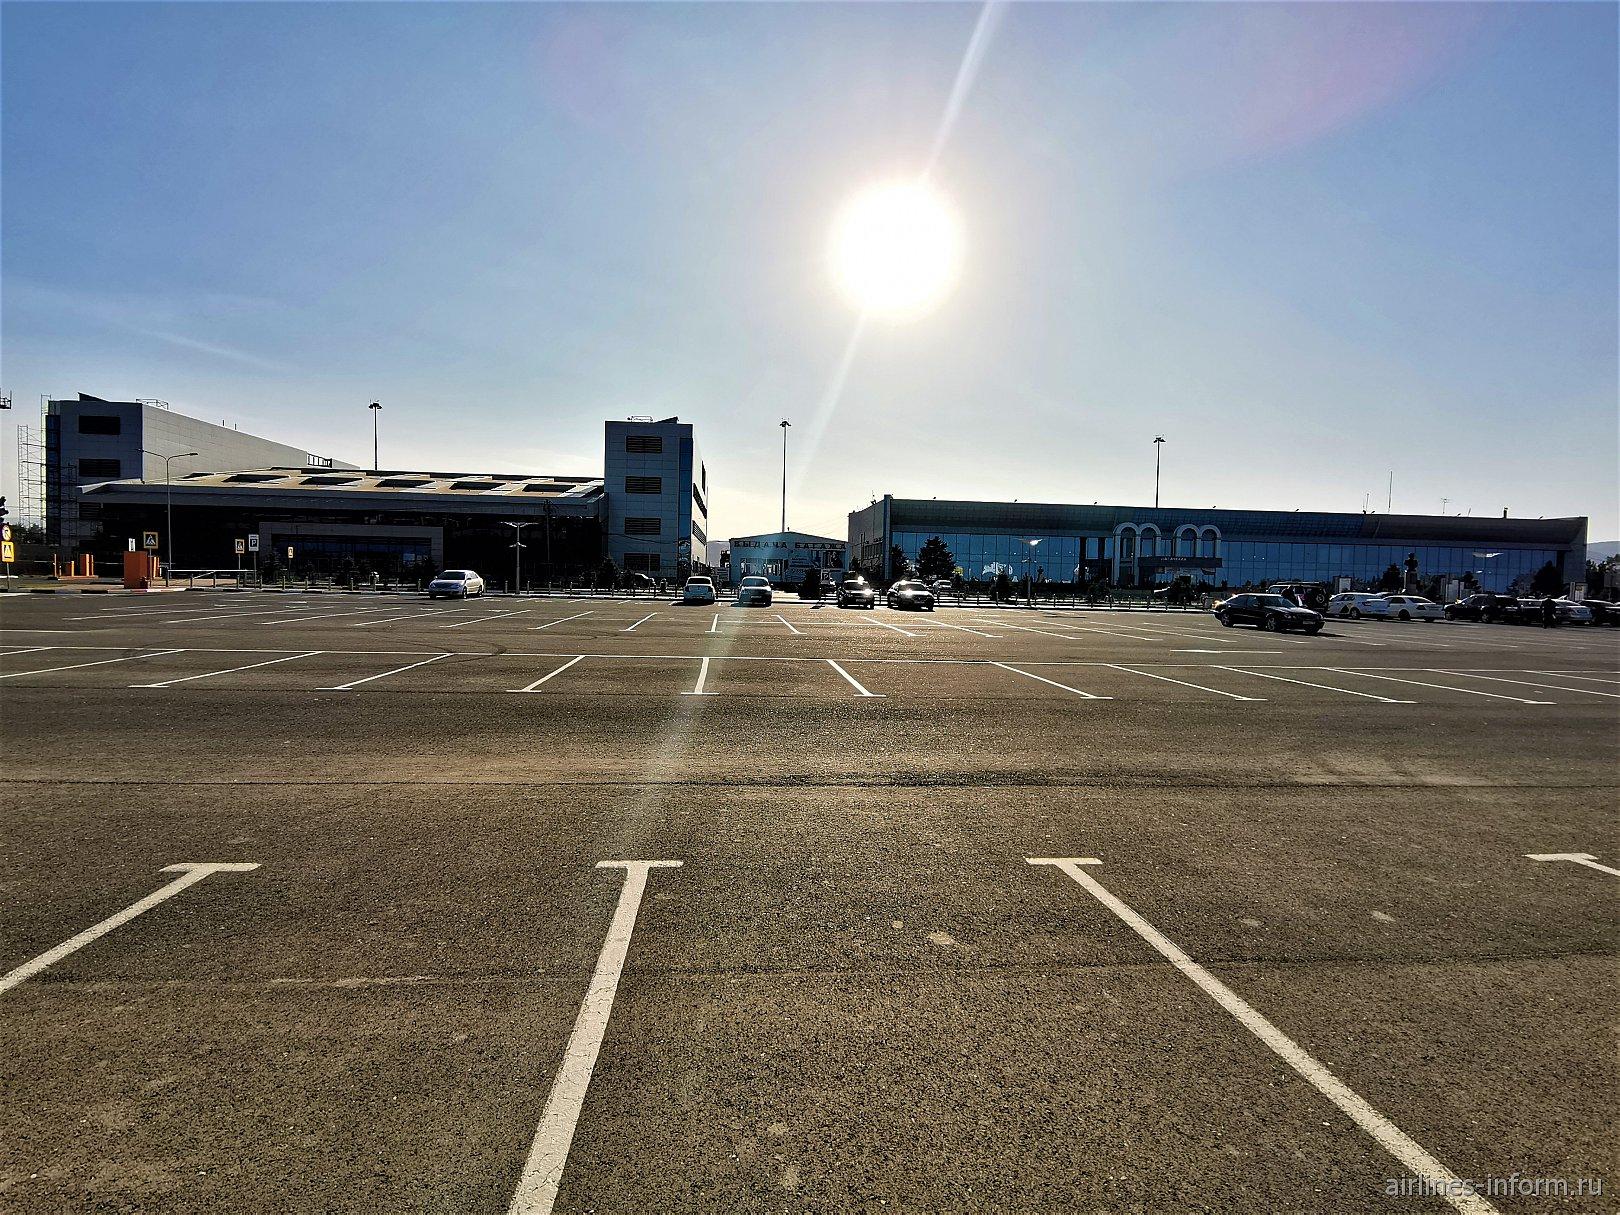 Аэровокзальный комплекс аэропорта Махачкала Уйташ